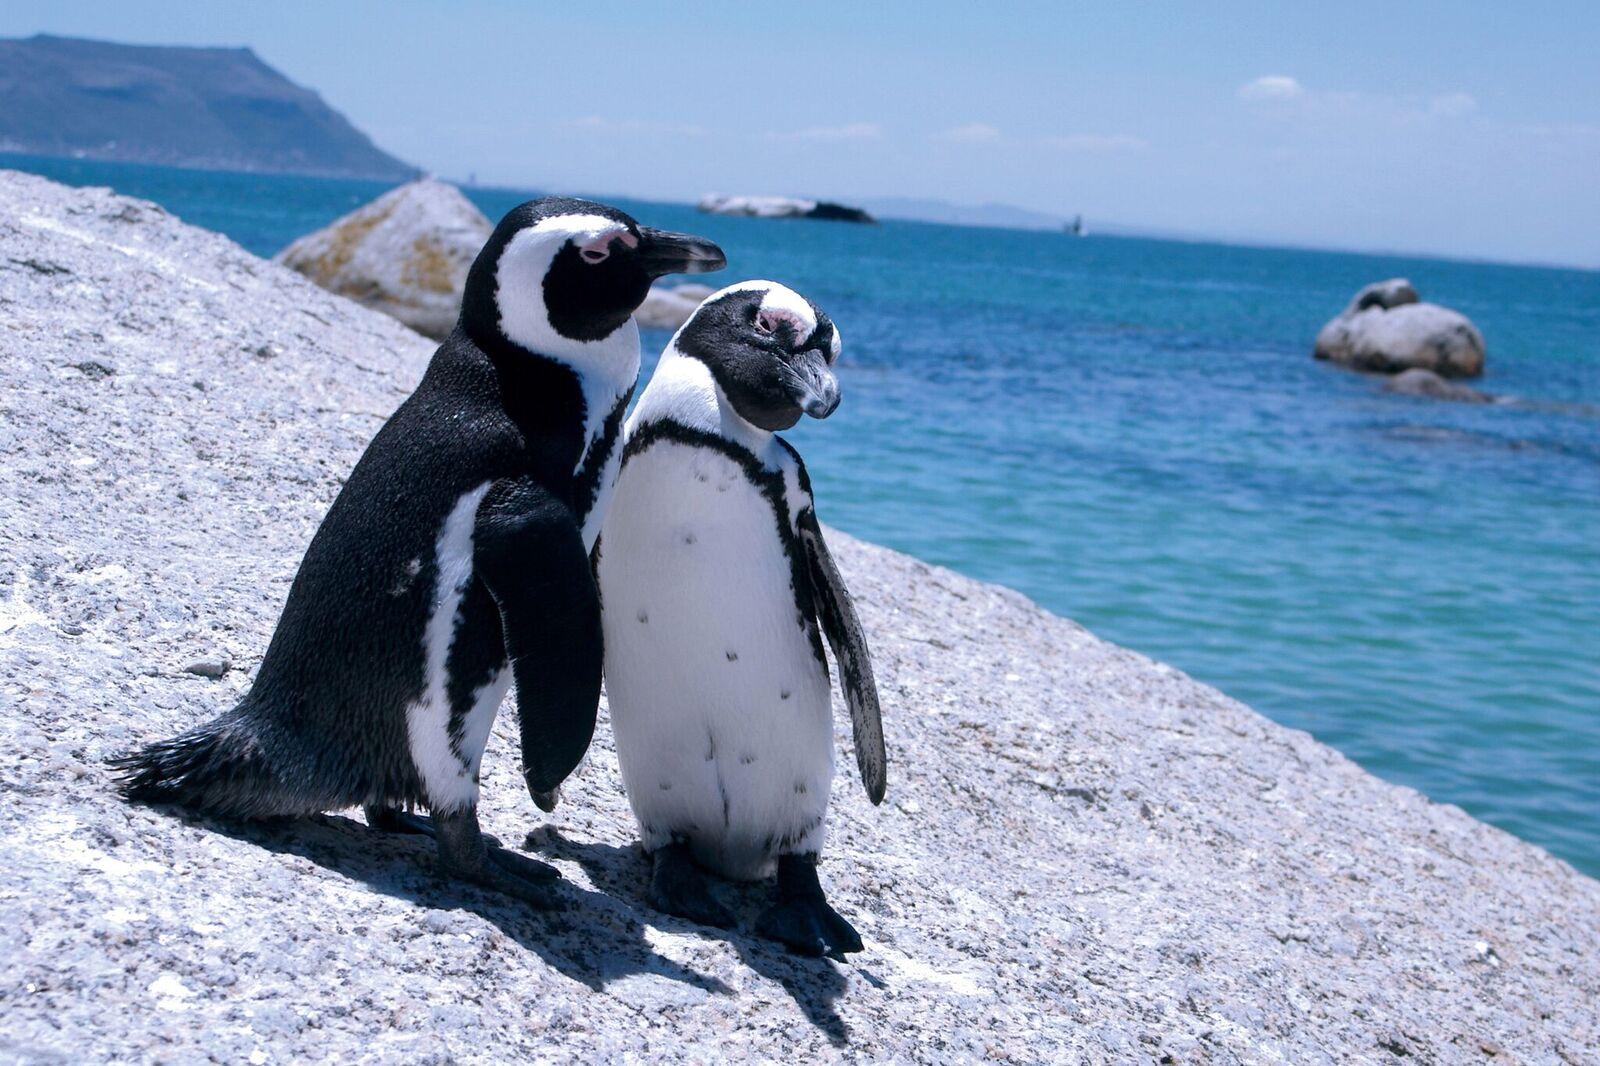 Zugreise mit Rovos Rail in Afrika. Tierbild mit zwei kleinen Pinguinen an der Küste von Südafrika